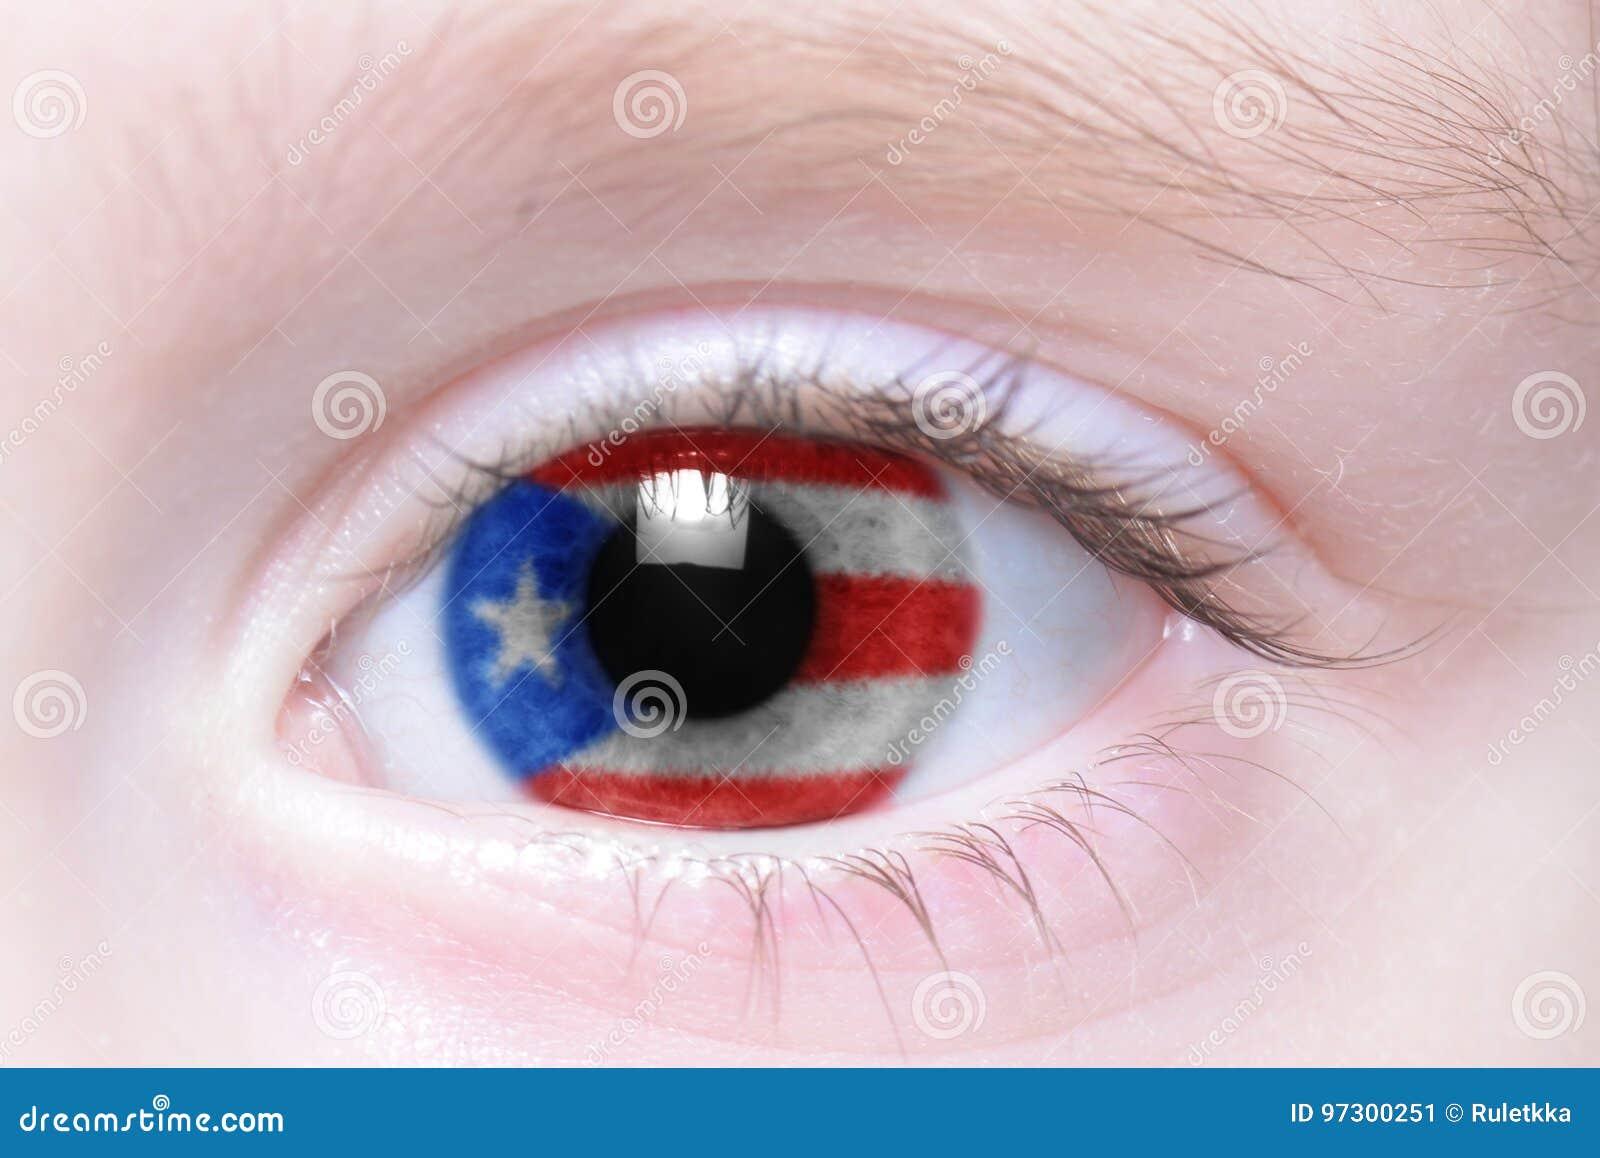 Oeil humain avec le drapeau national du Porto Rico